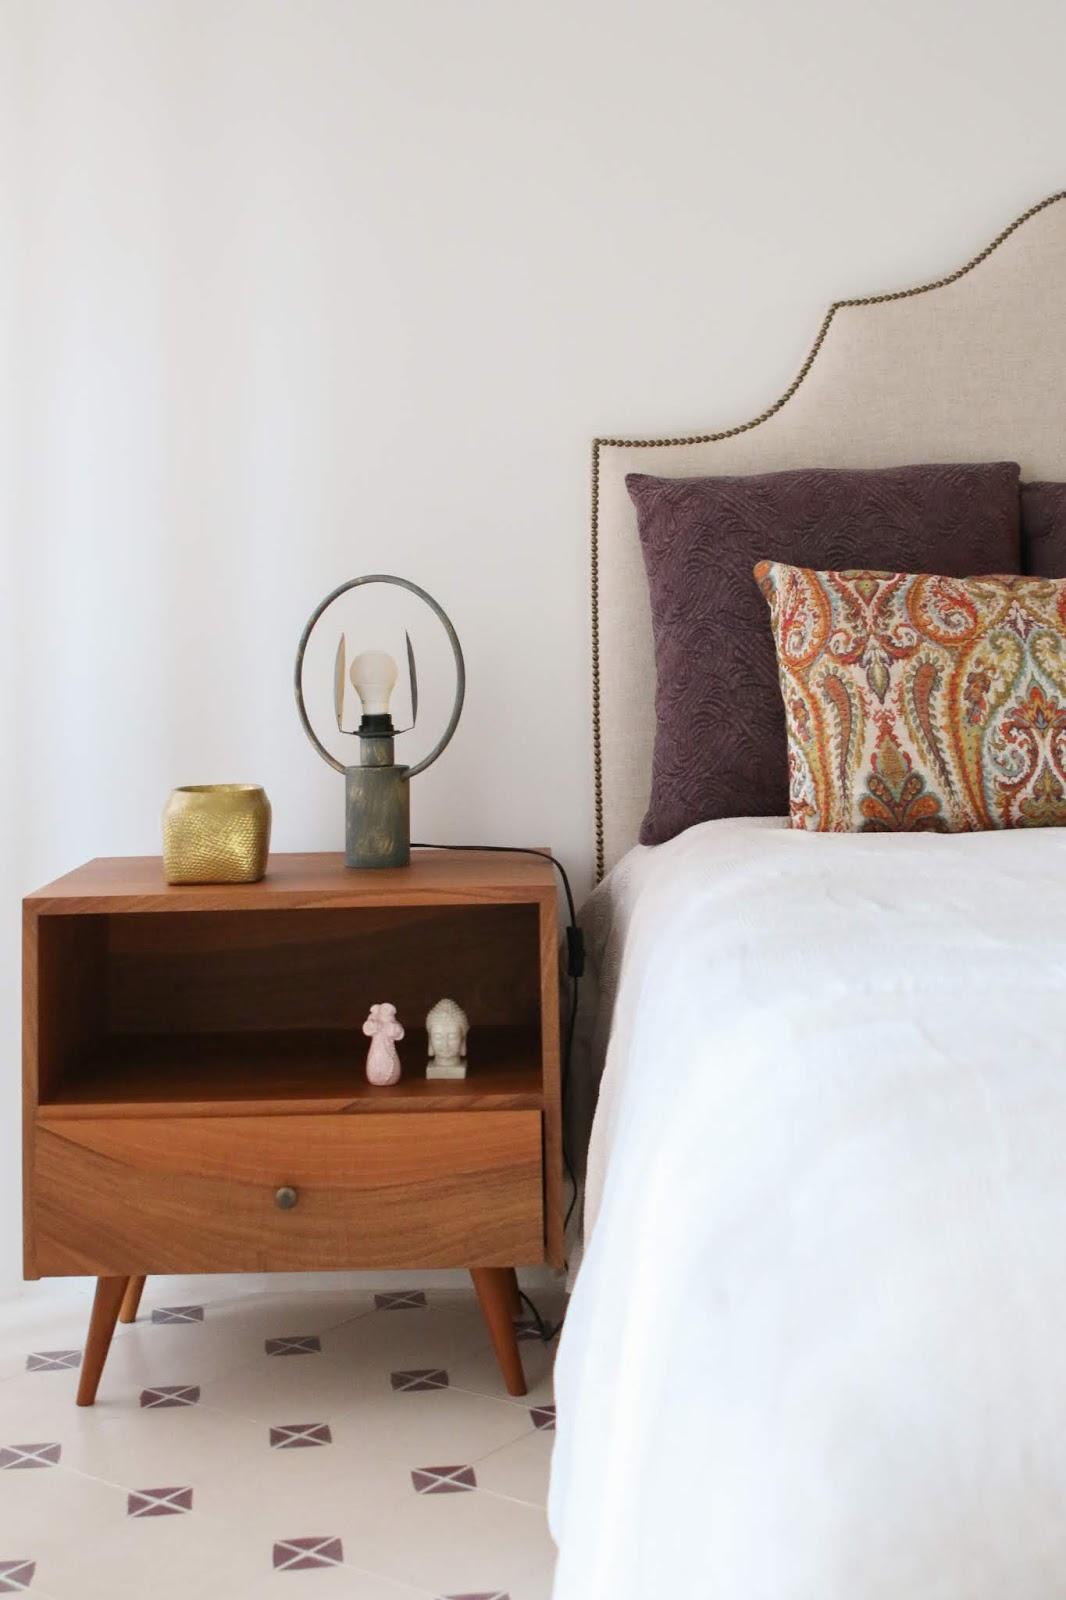 quarto suite cama com tachas e mesa de cabeceira madeira com abertura decoradora interiores Porto